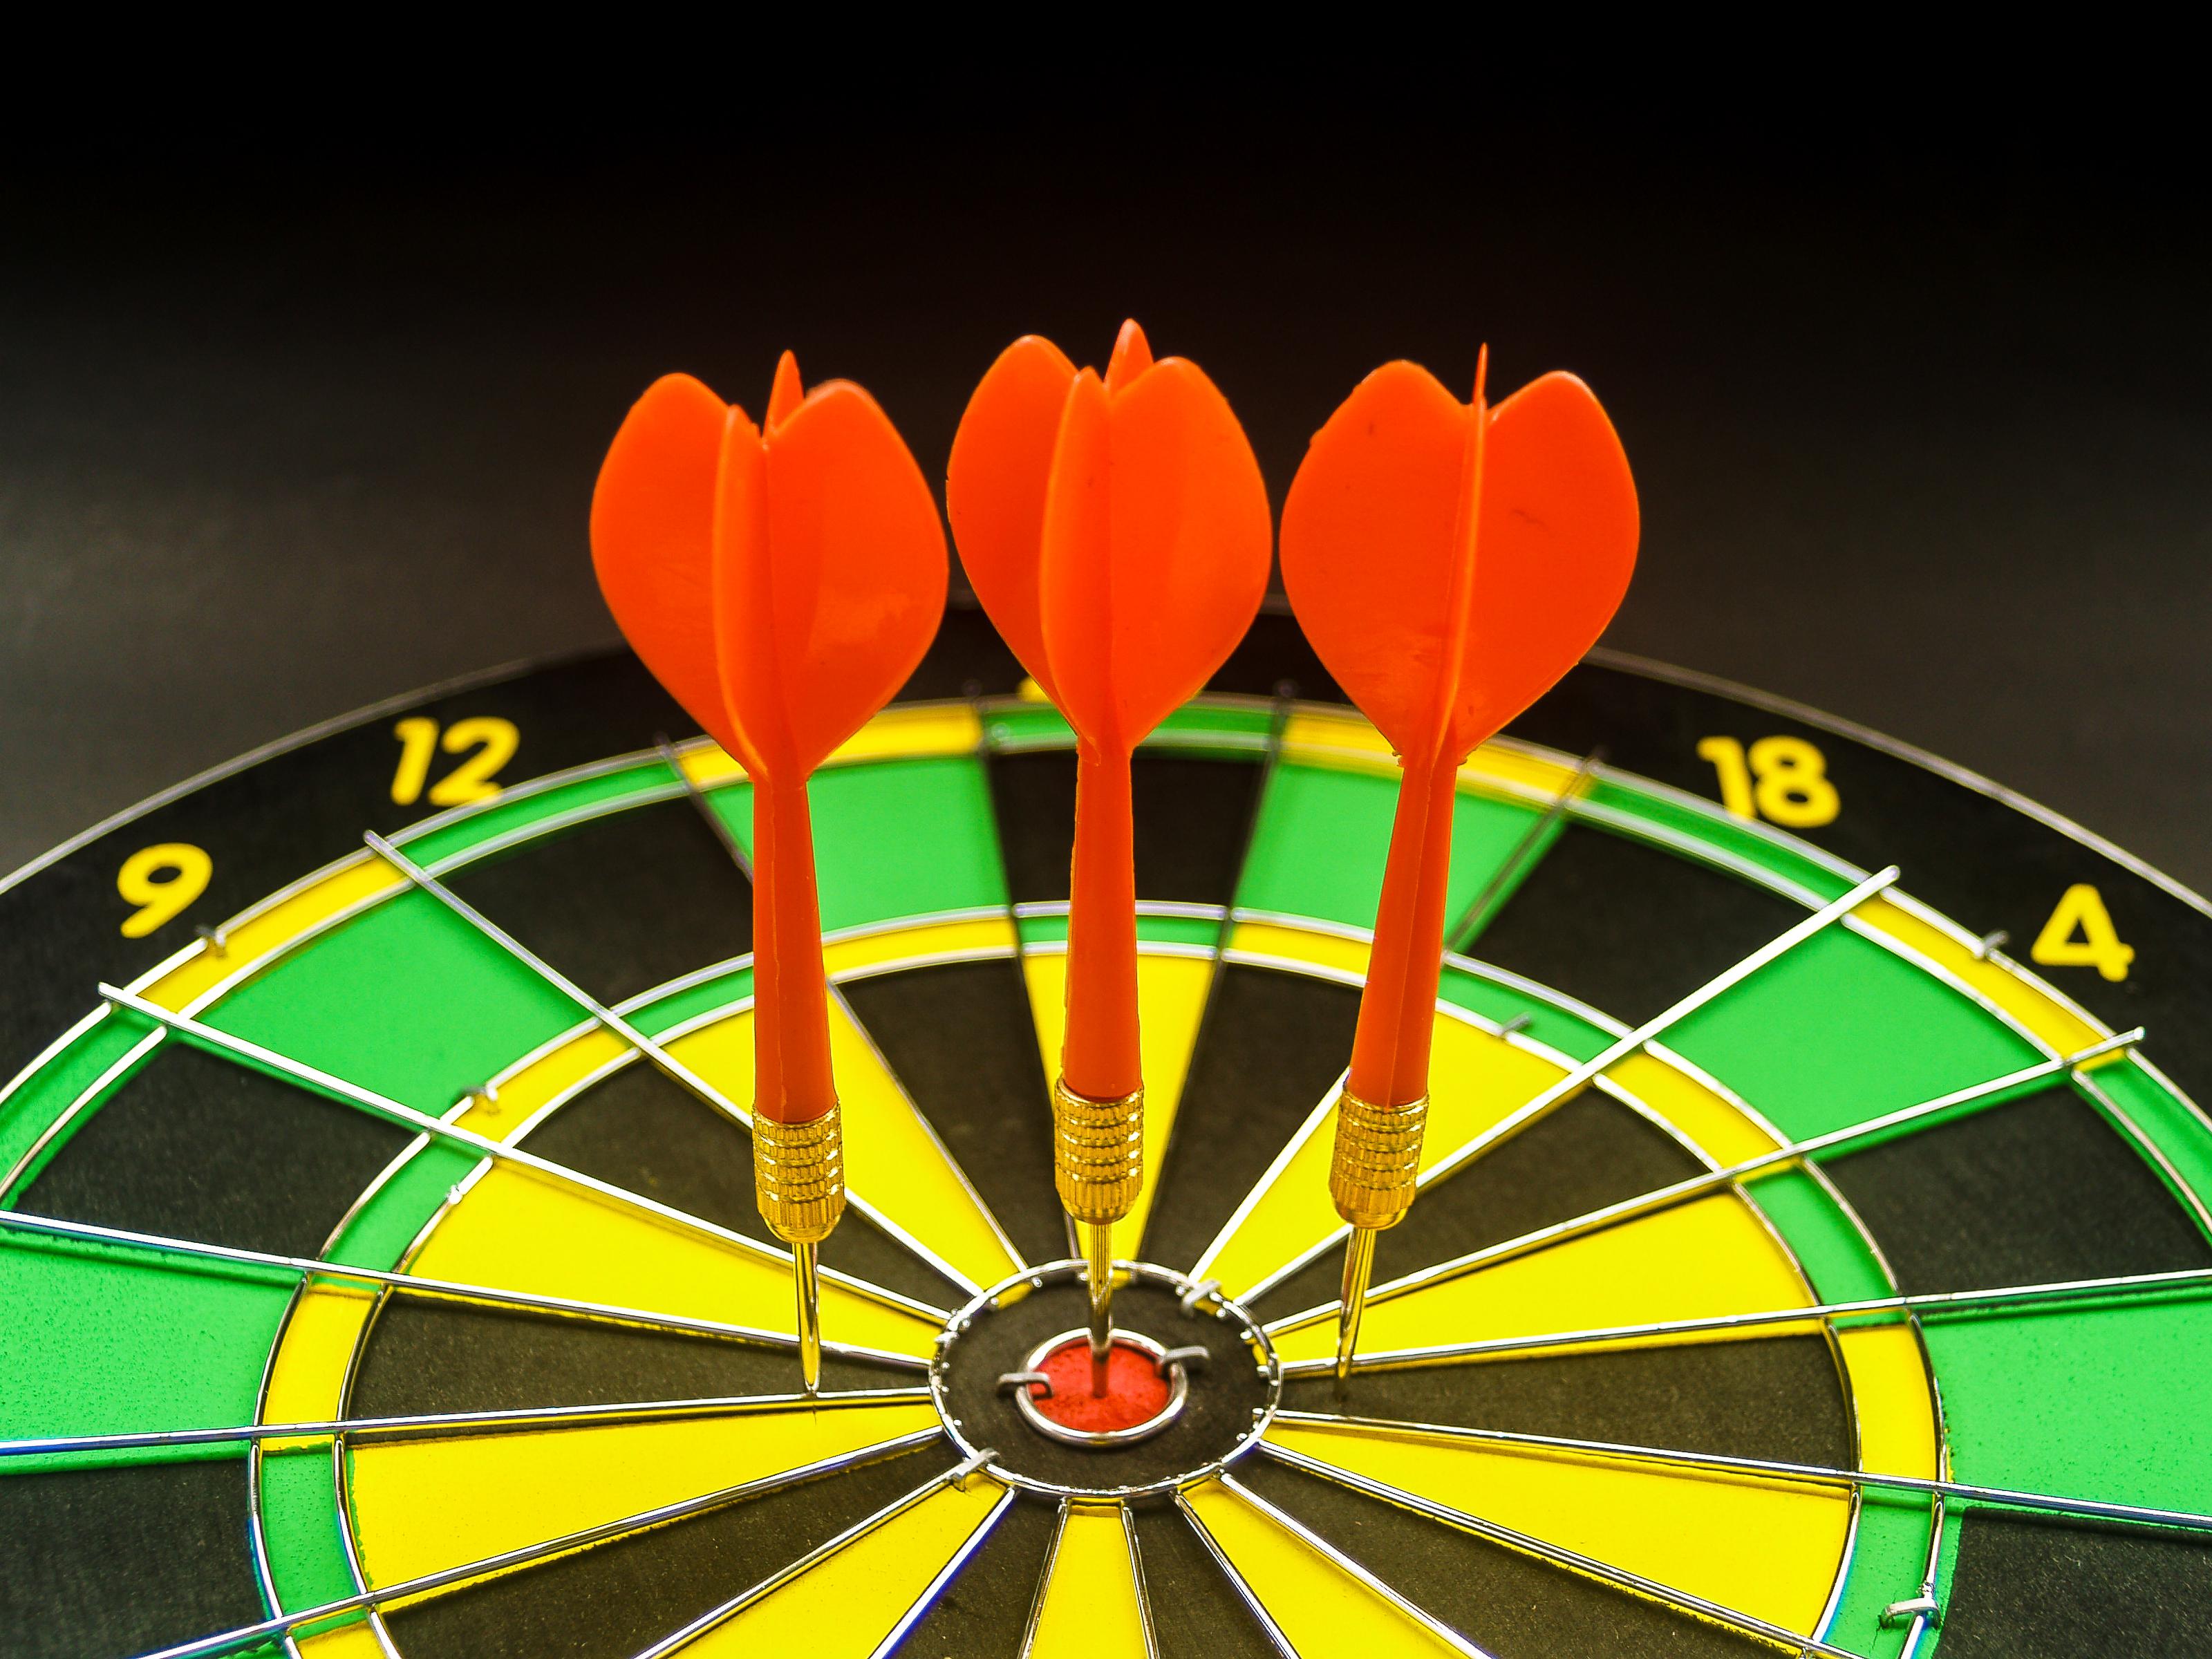 Gambar Target Papan Panah Naik Anak Panah Pusat Kompetisi